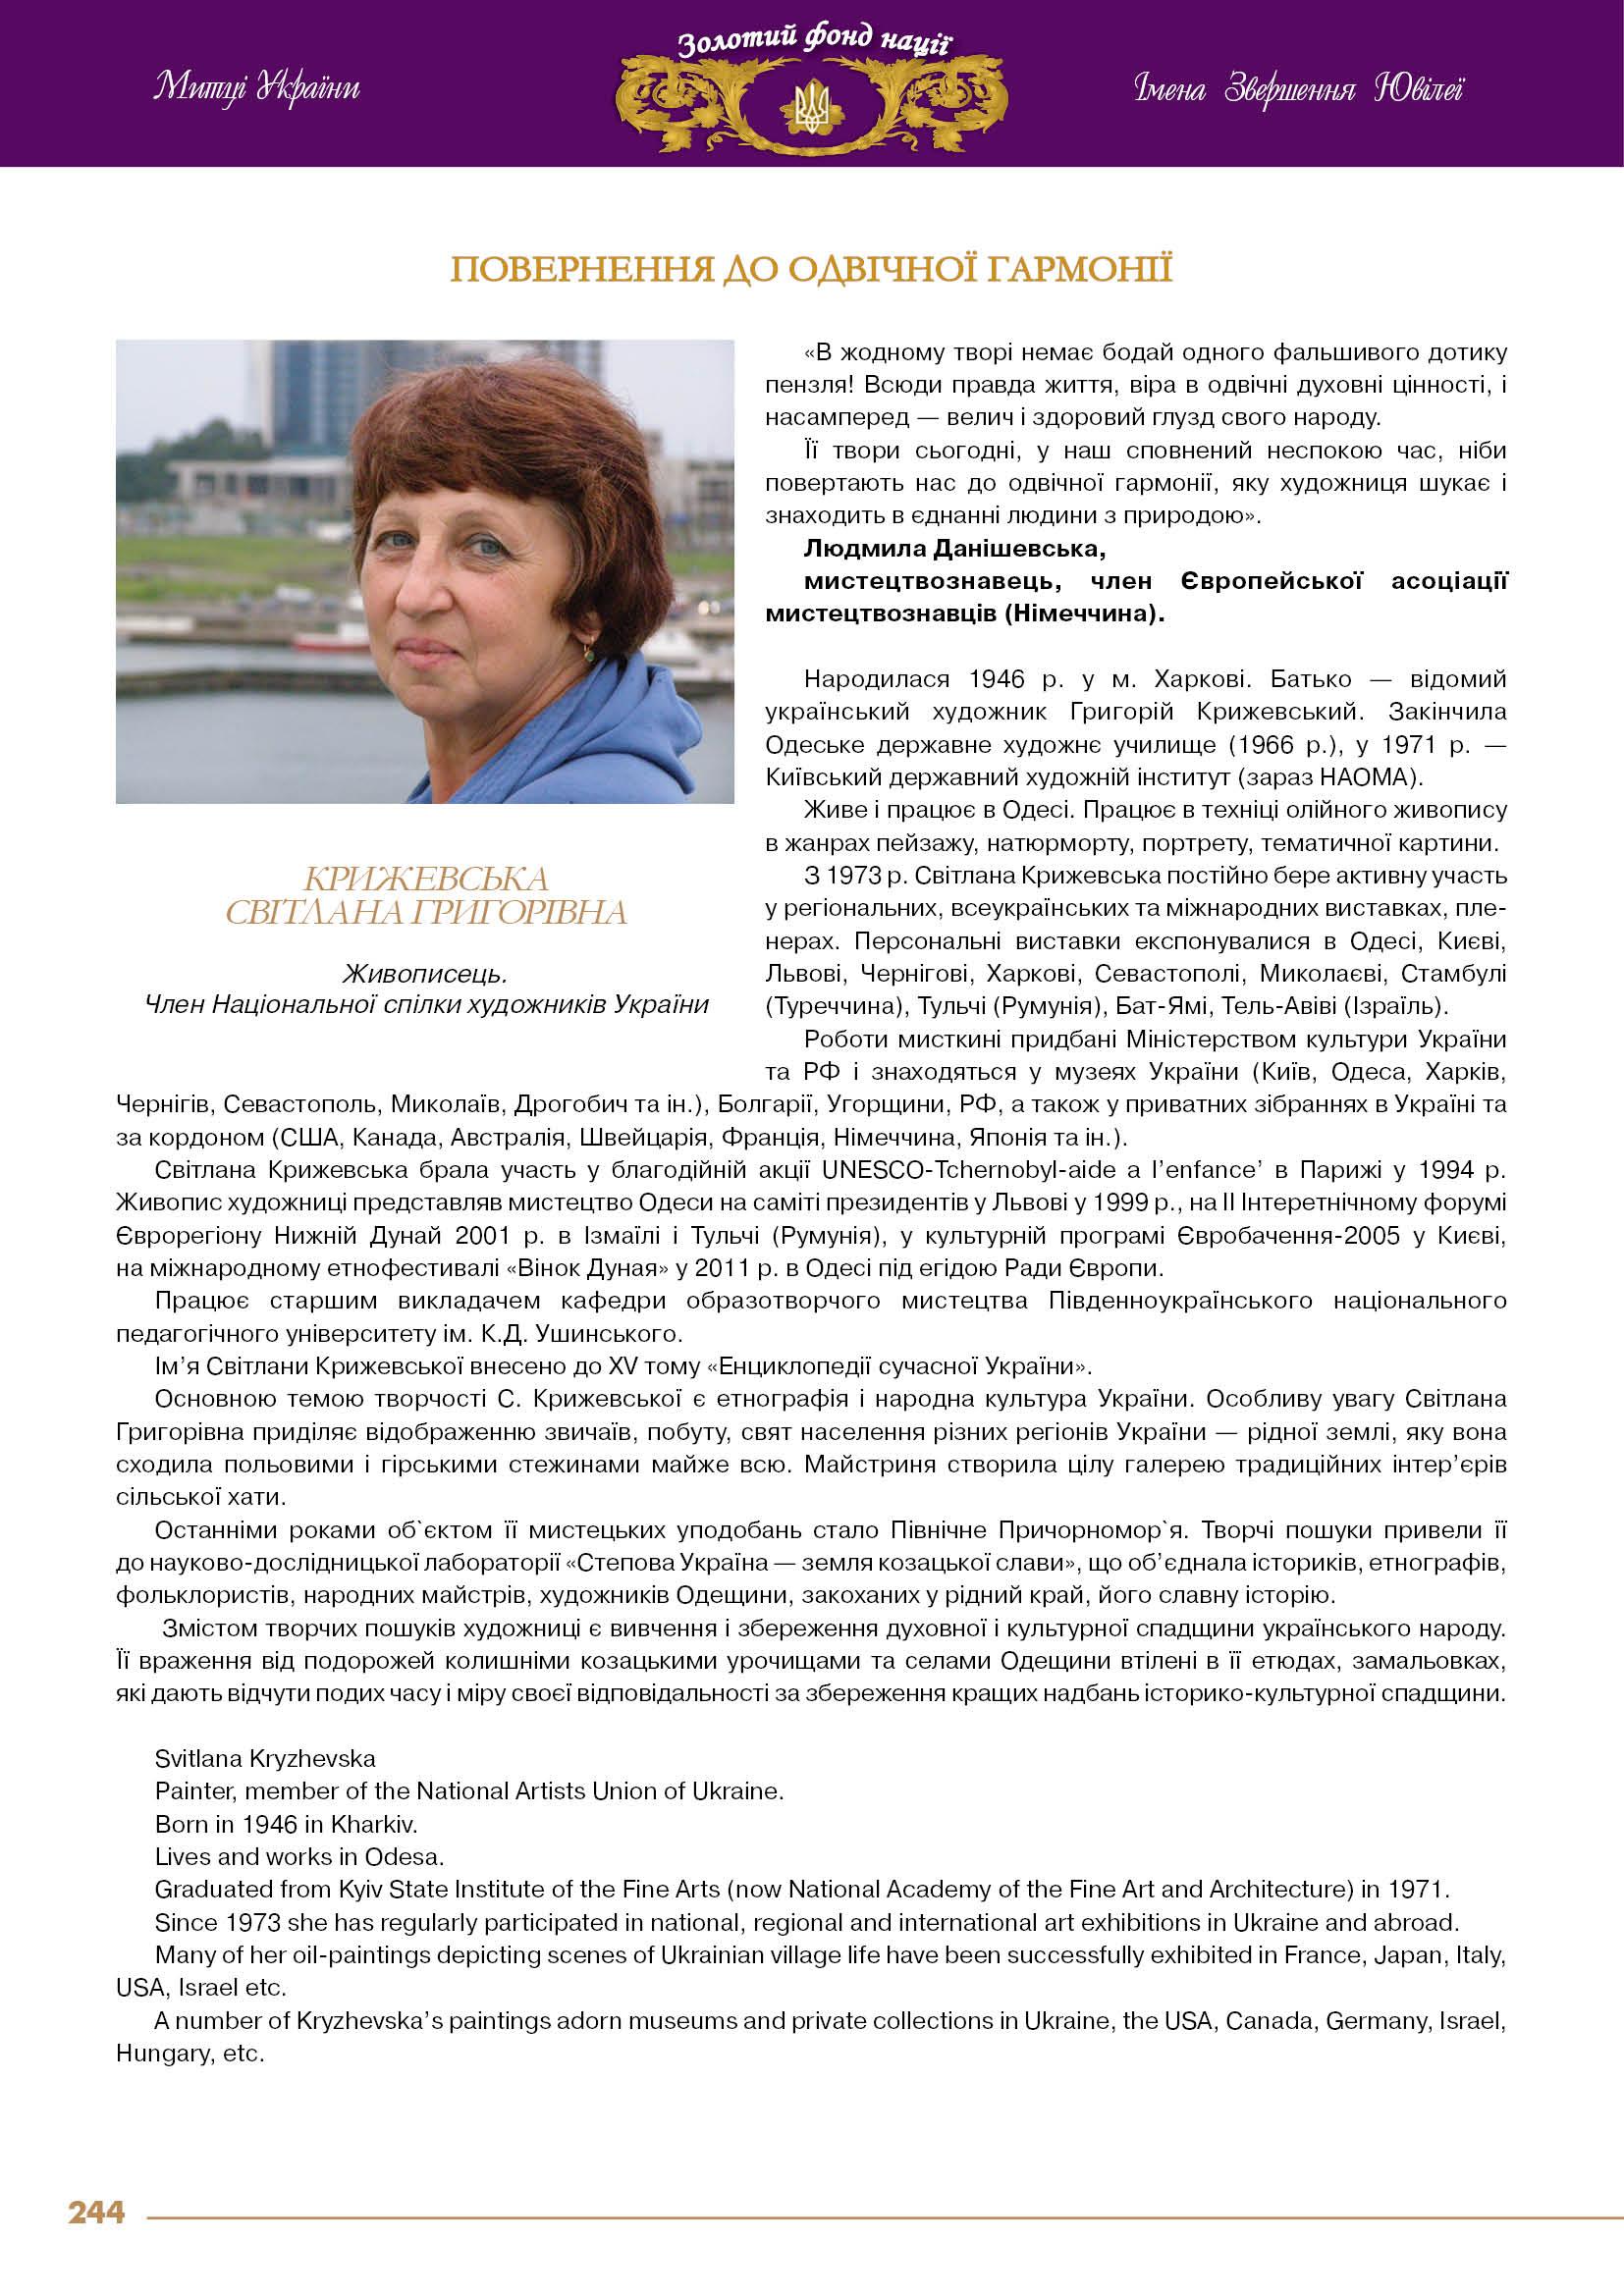 Крижевська  Світлана Григорівна